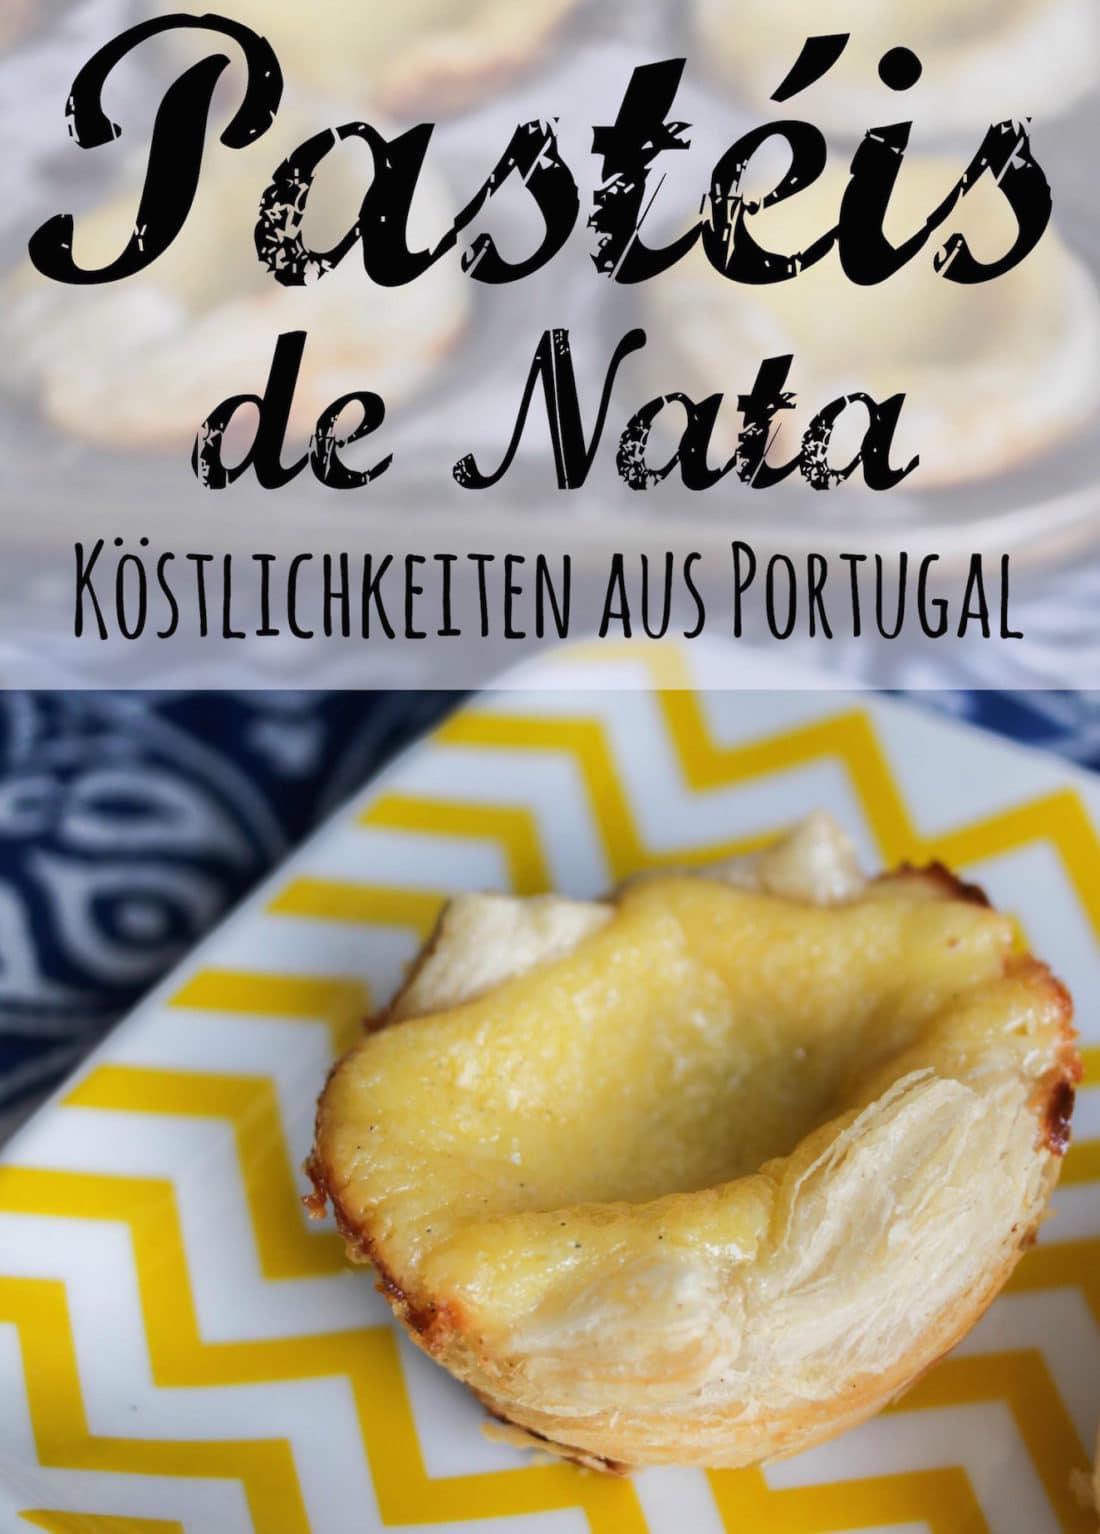 Rezept Pastéis de Nata, portugiesische Törtchen, von CicoBerlin